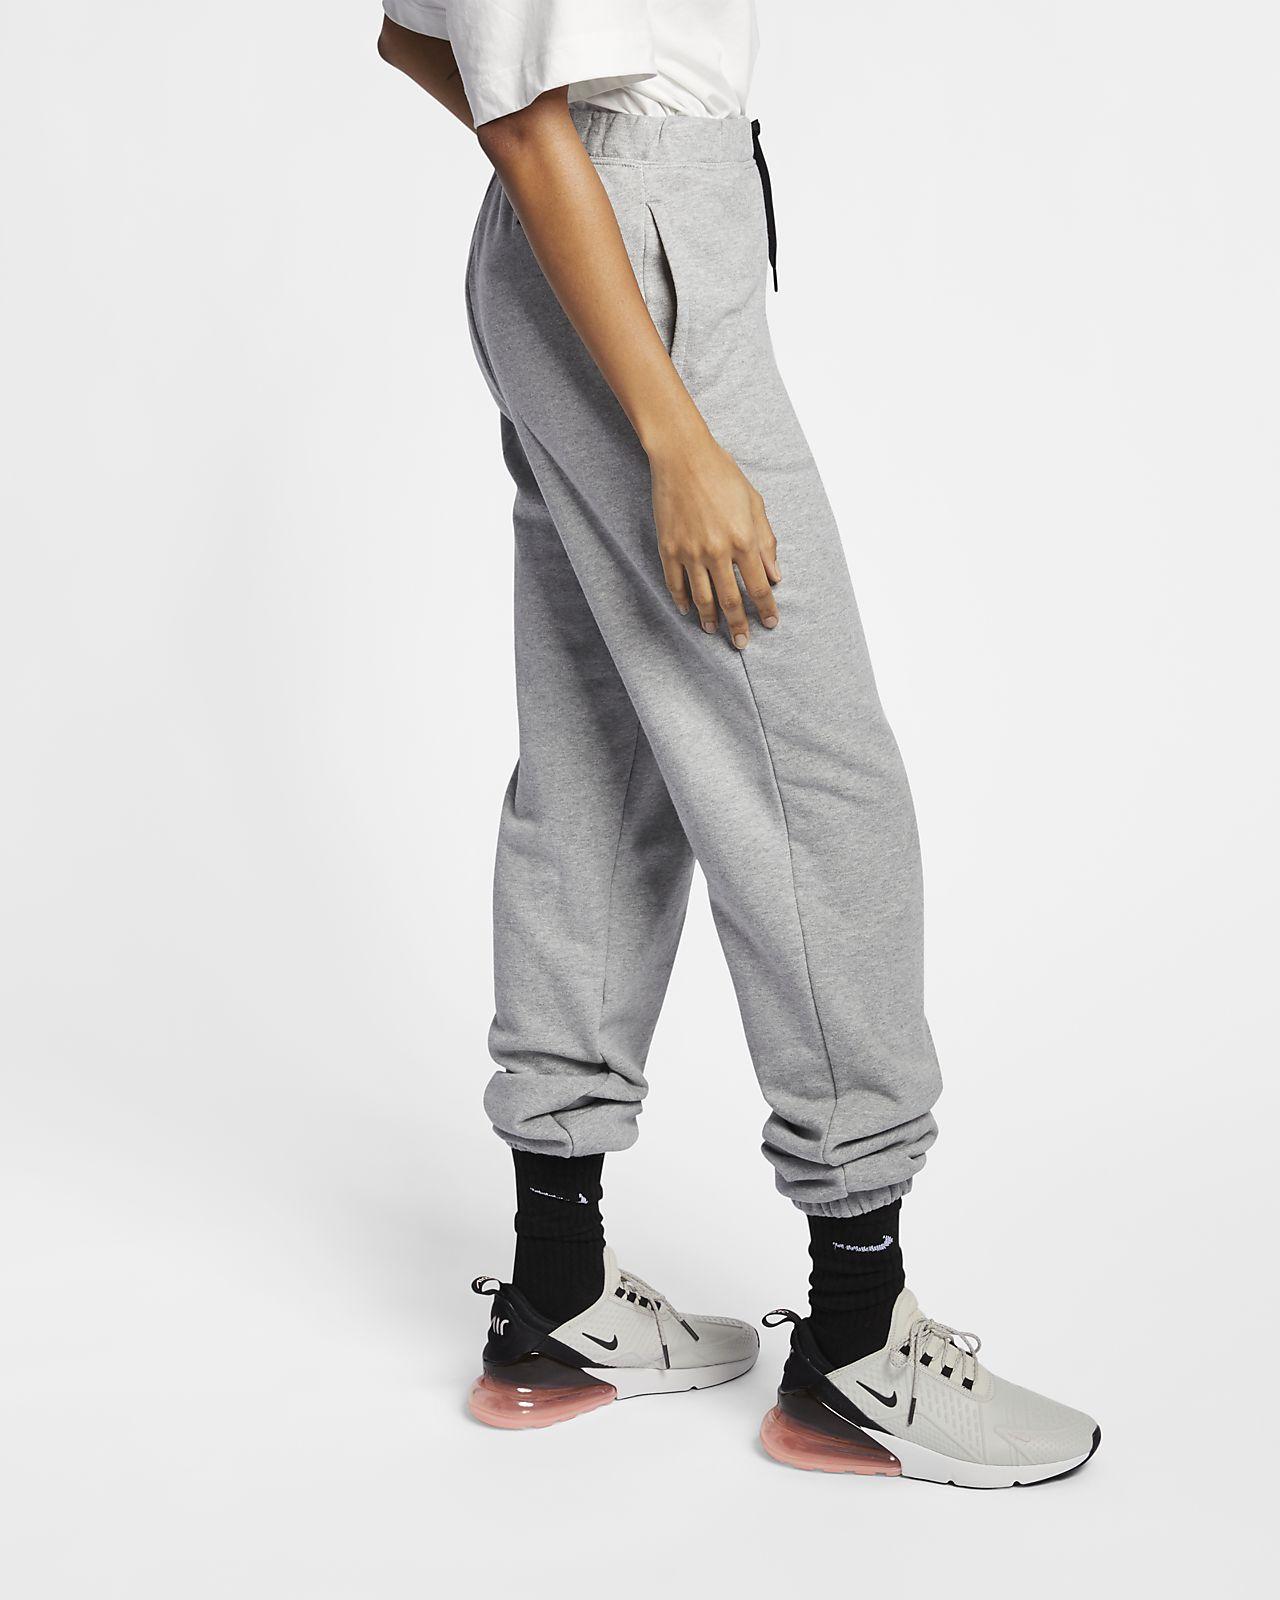 d29ed85764653 Pantalones de felpa francesa para mujer Nike Sportswear NSW. Nike.com MX